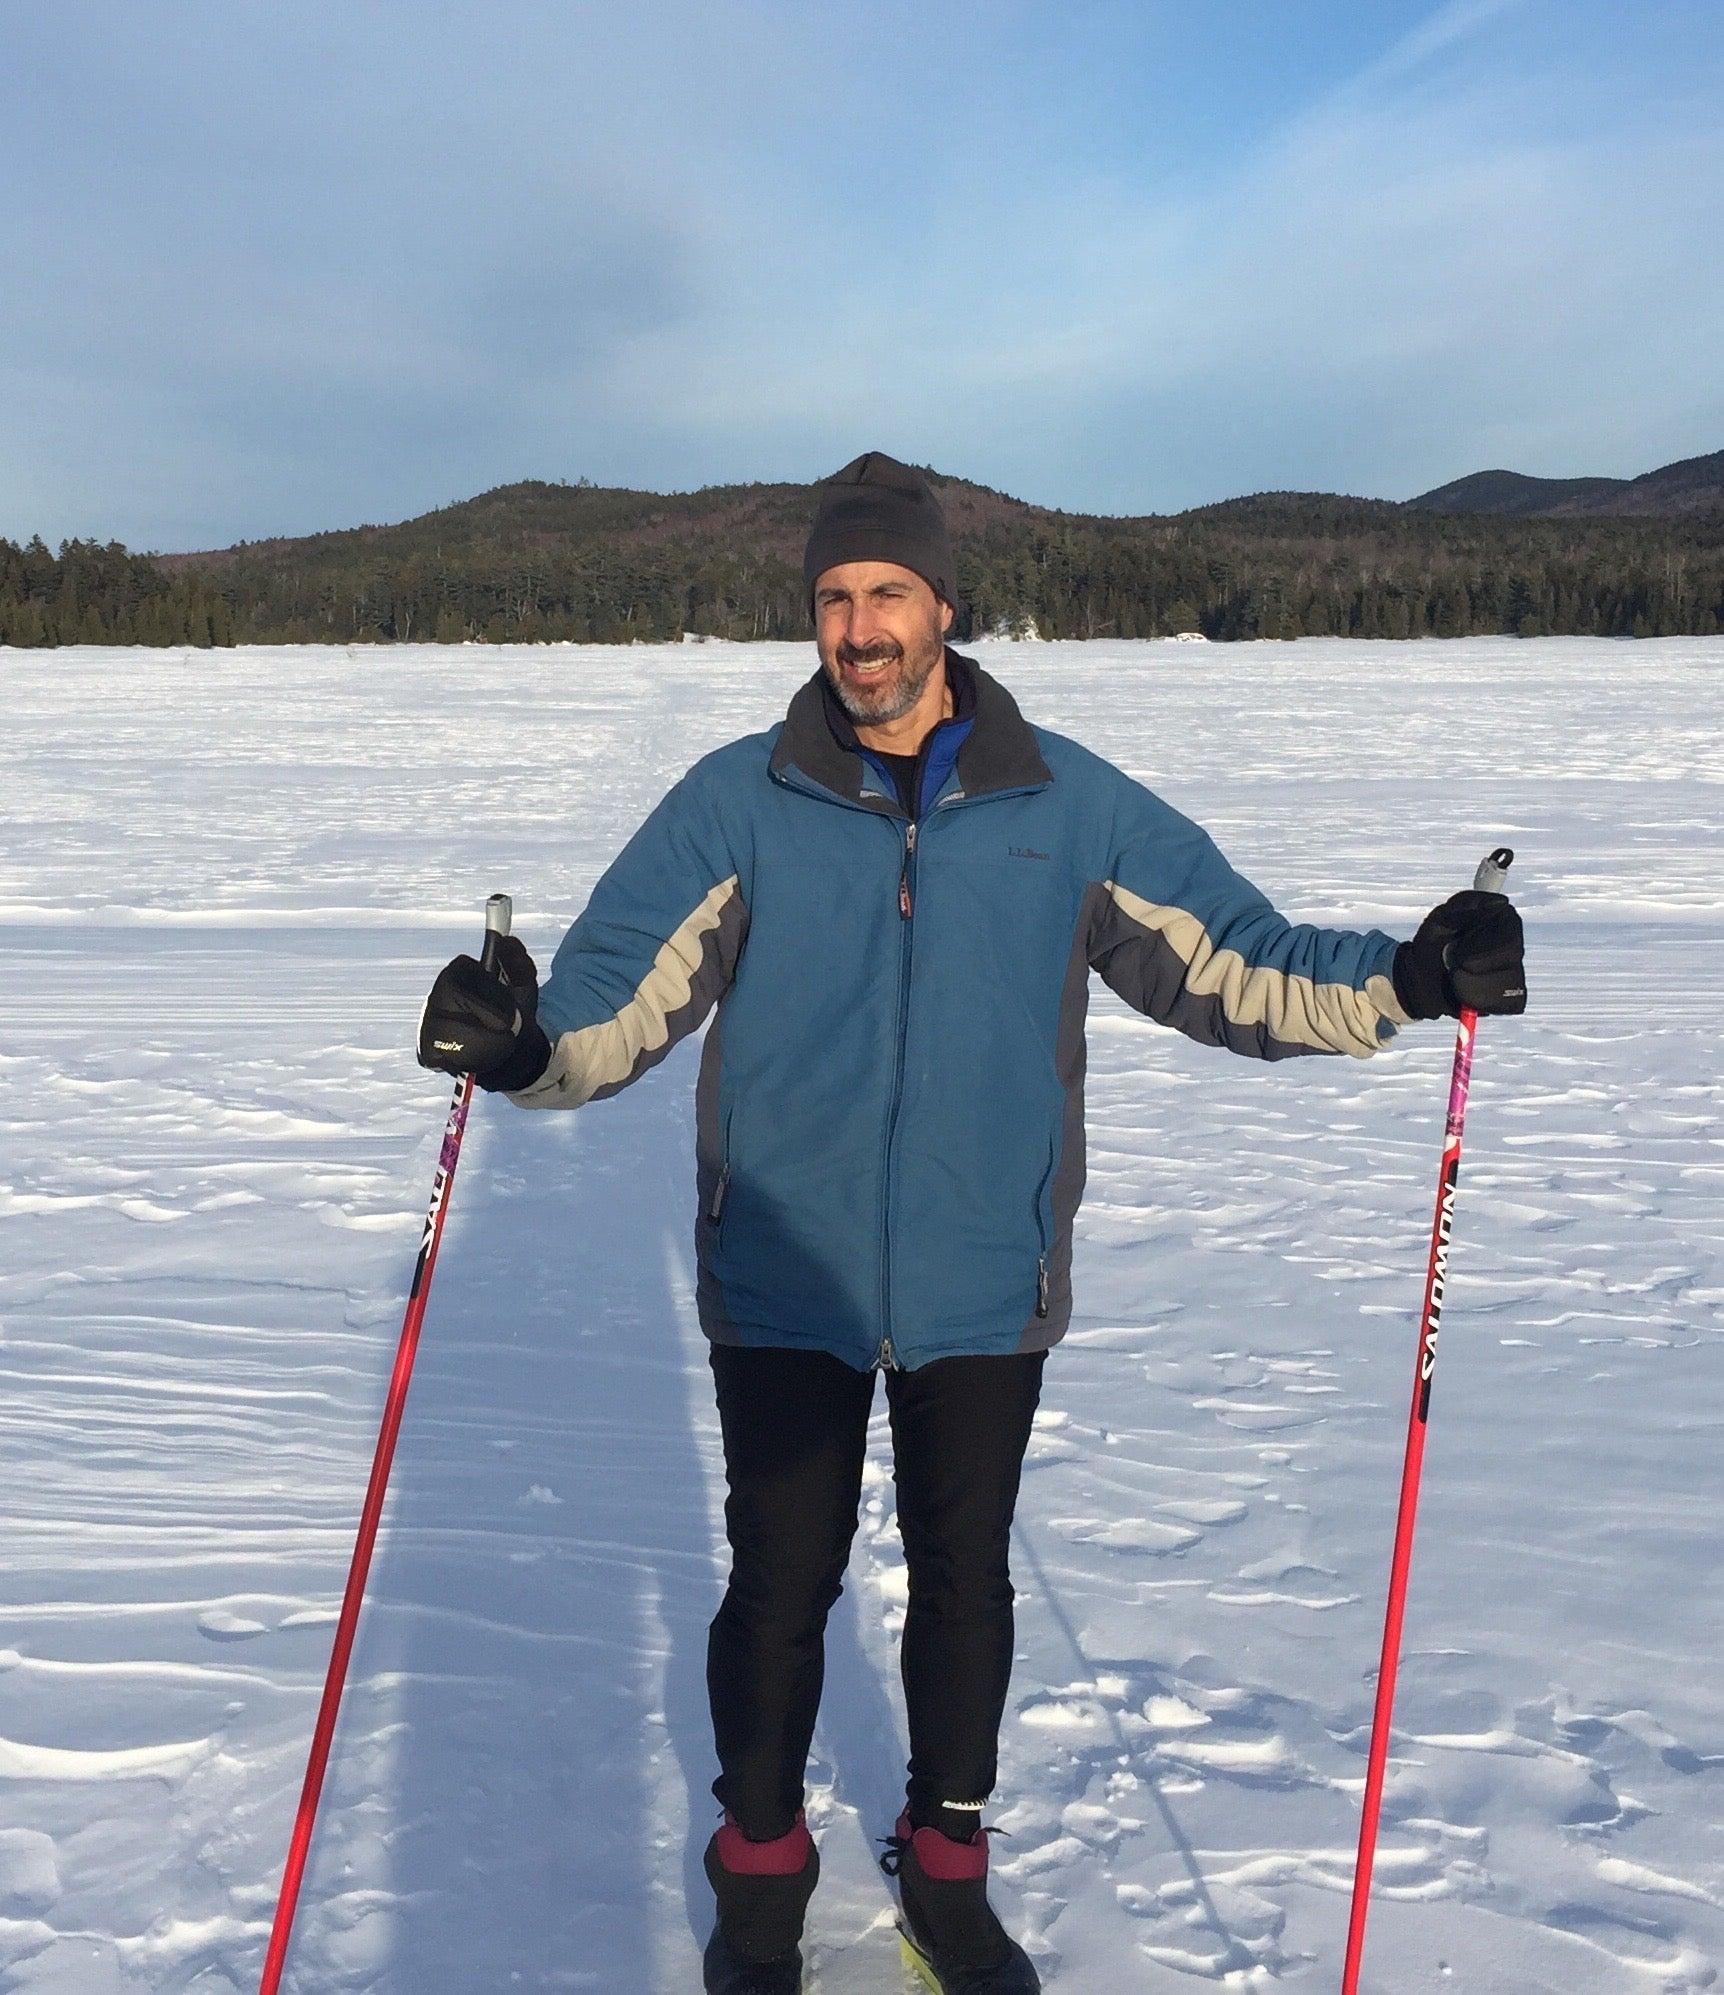 Skiing is one of Lowenstein's streak activities